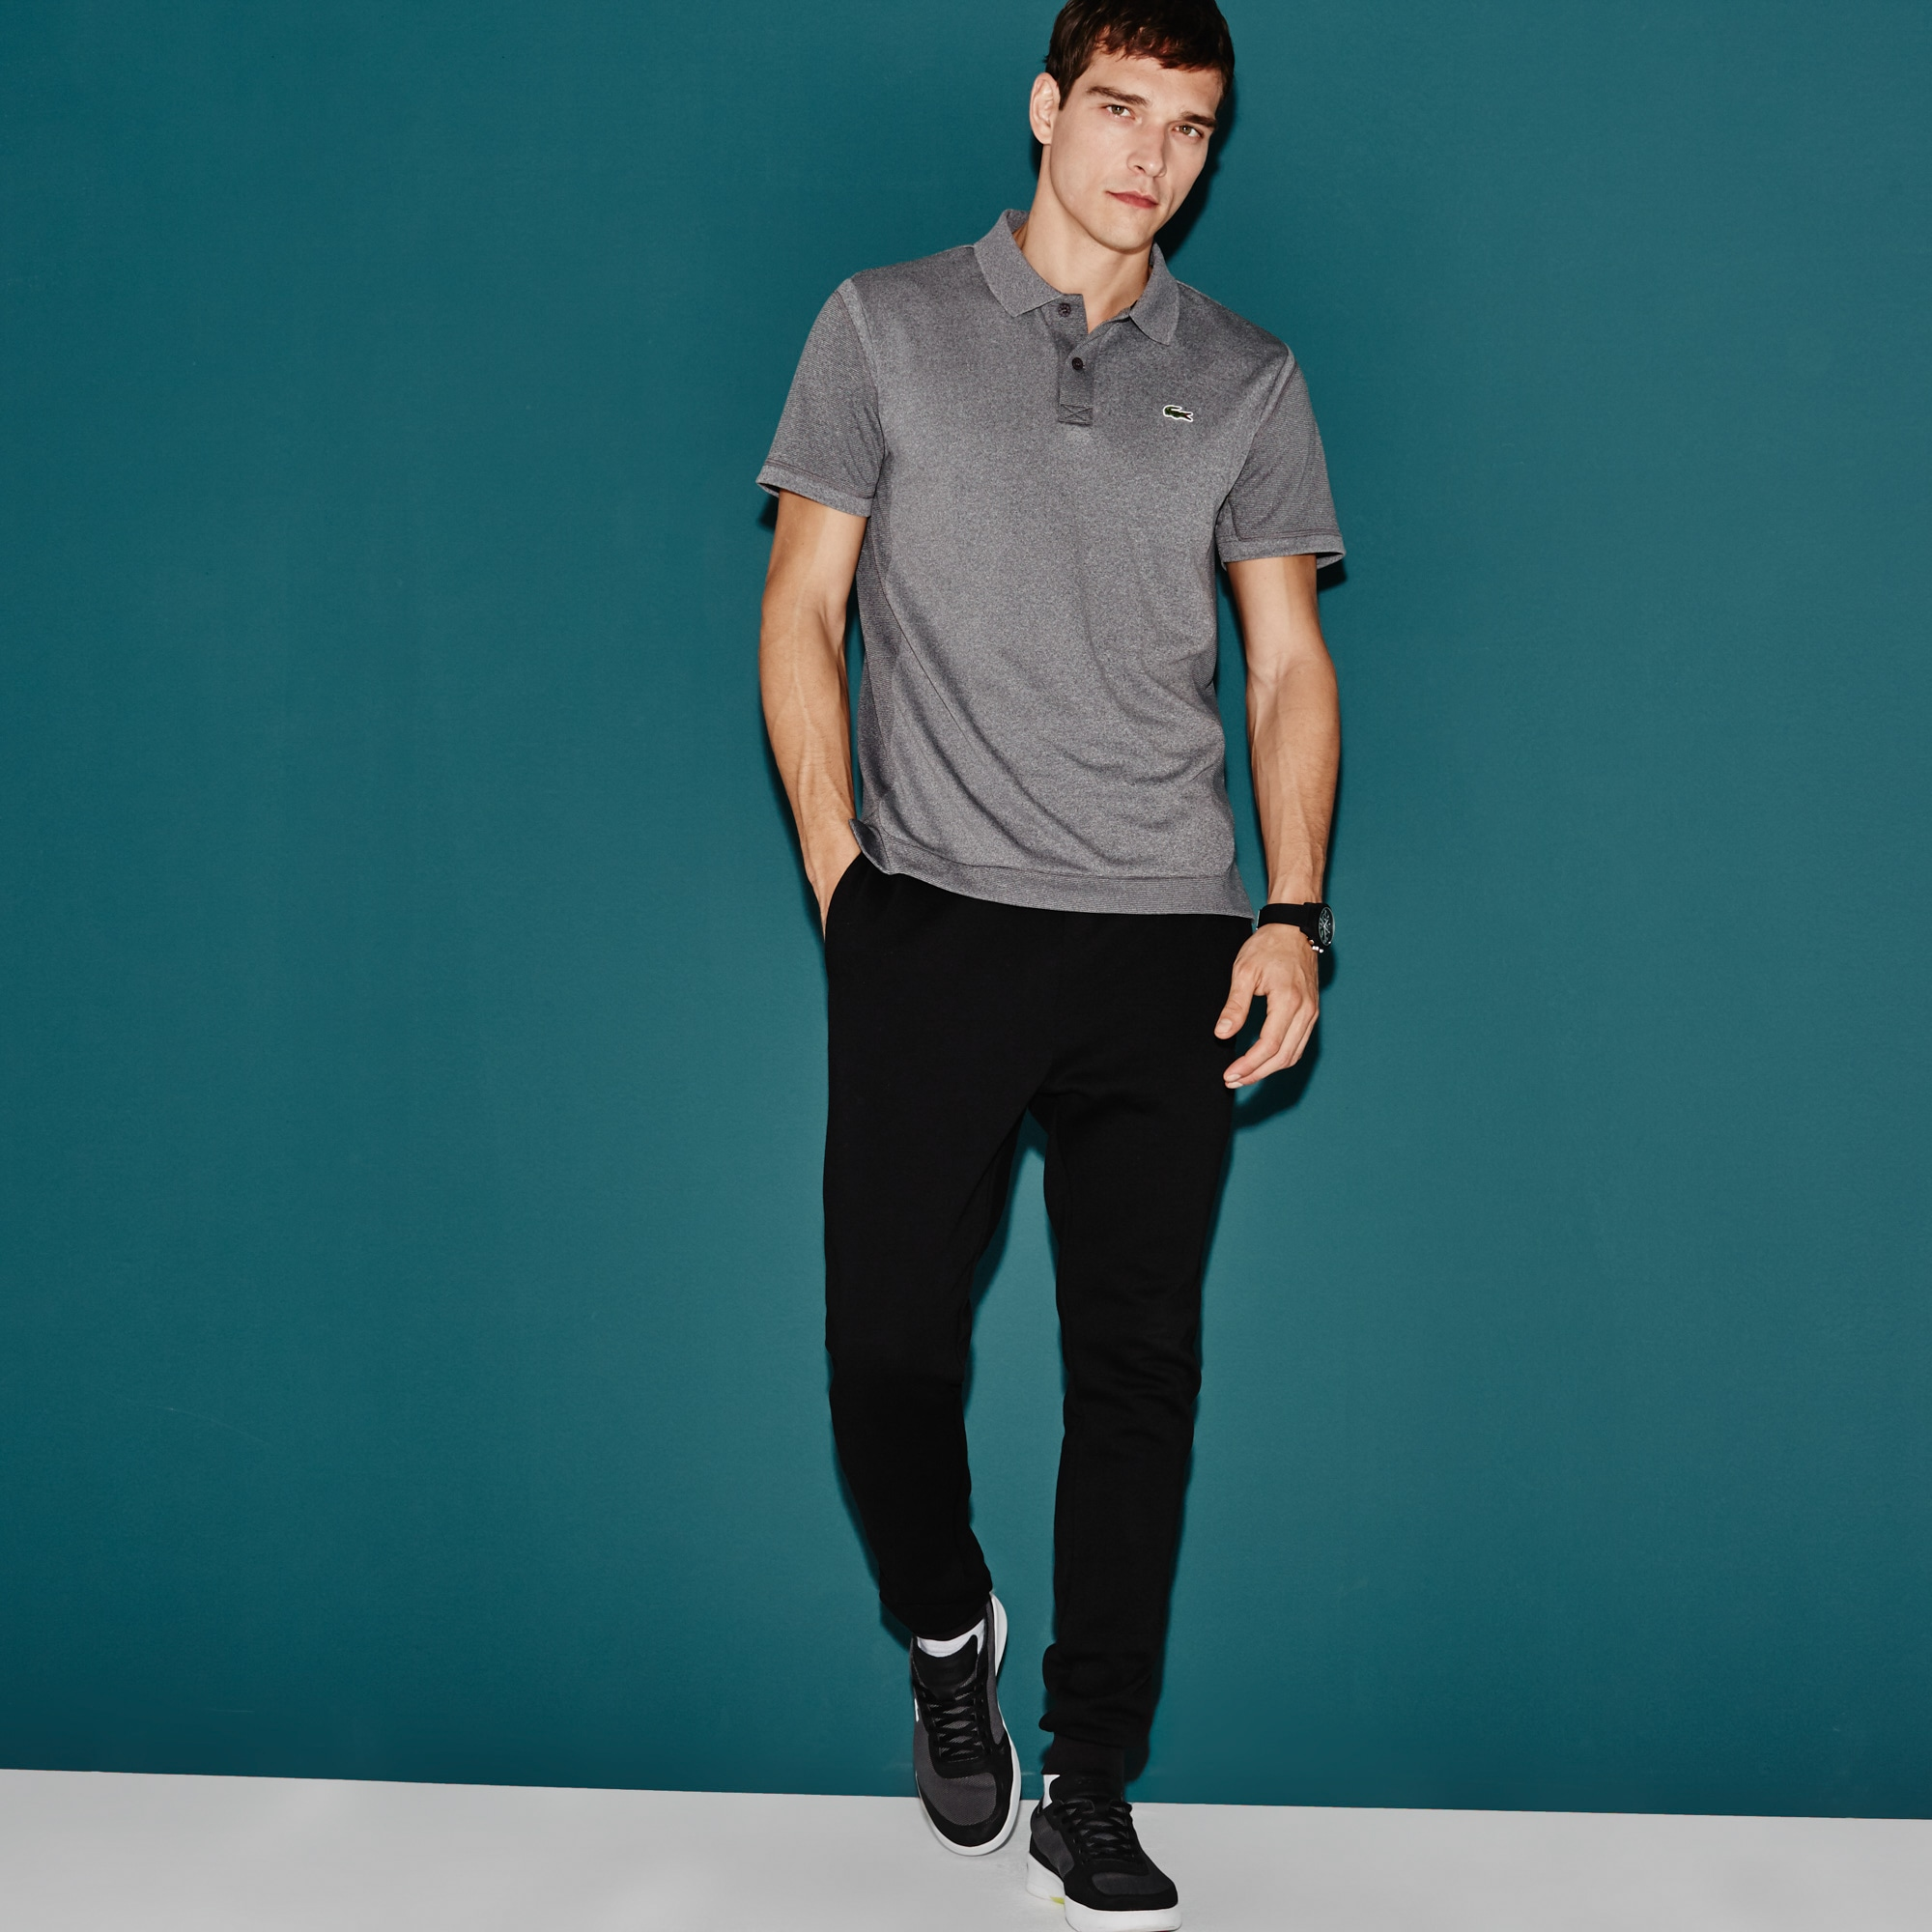 Men's Sport Lifestyle Fleece Tennis Pants